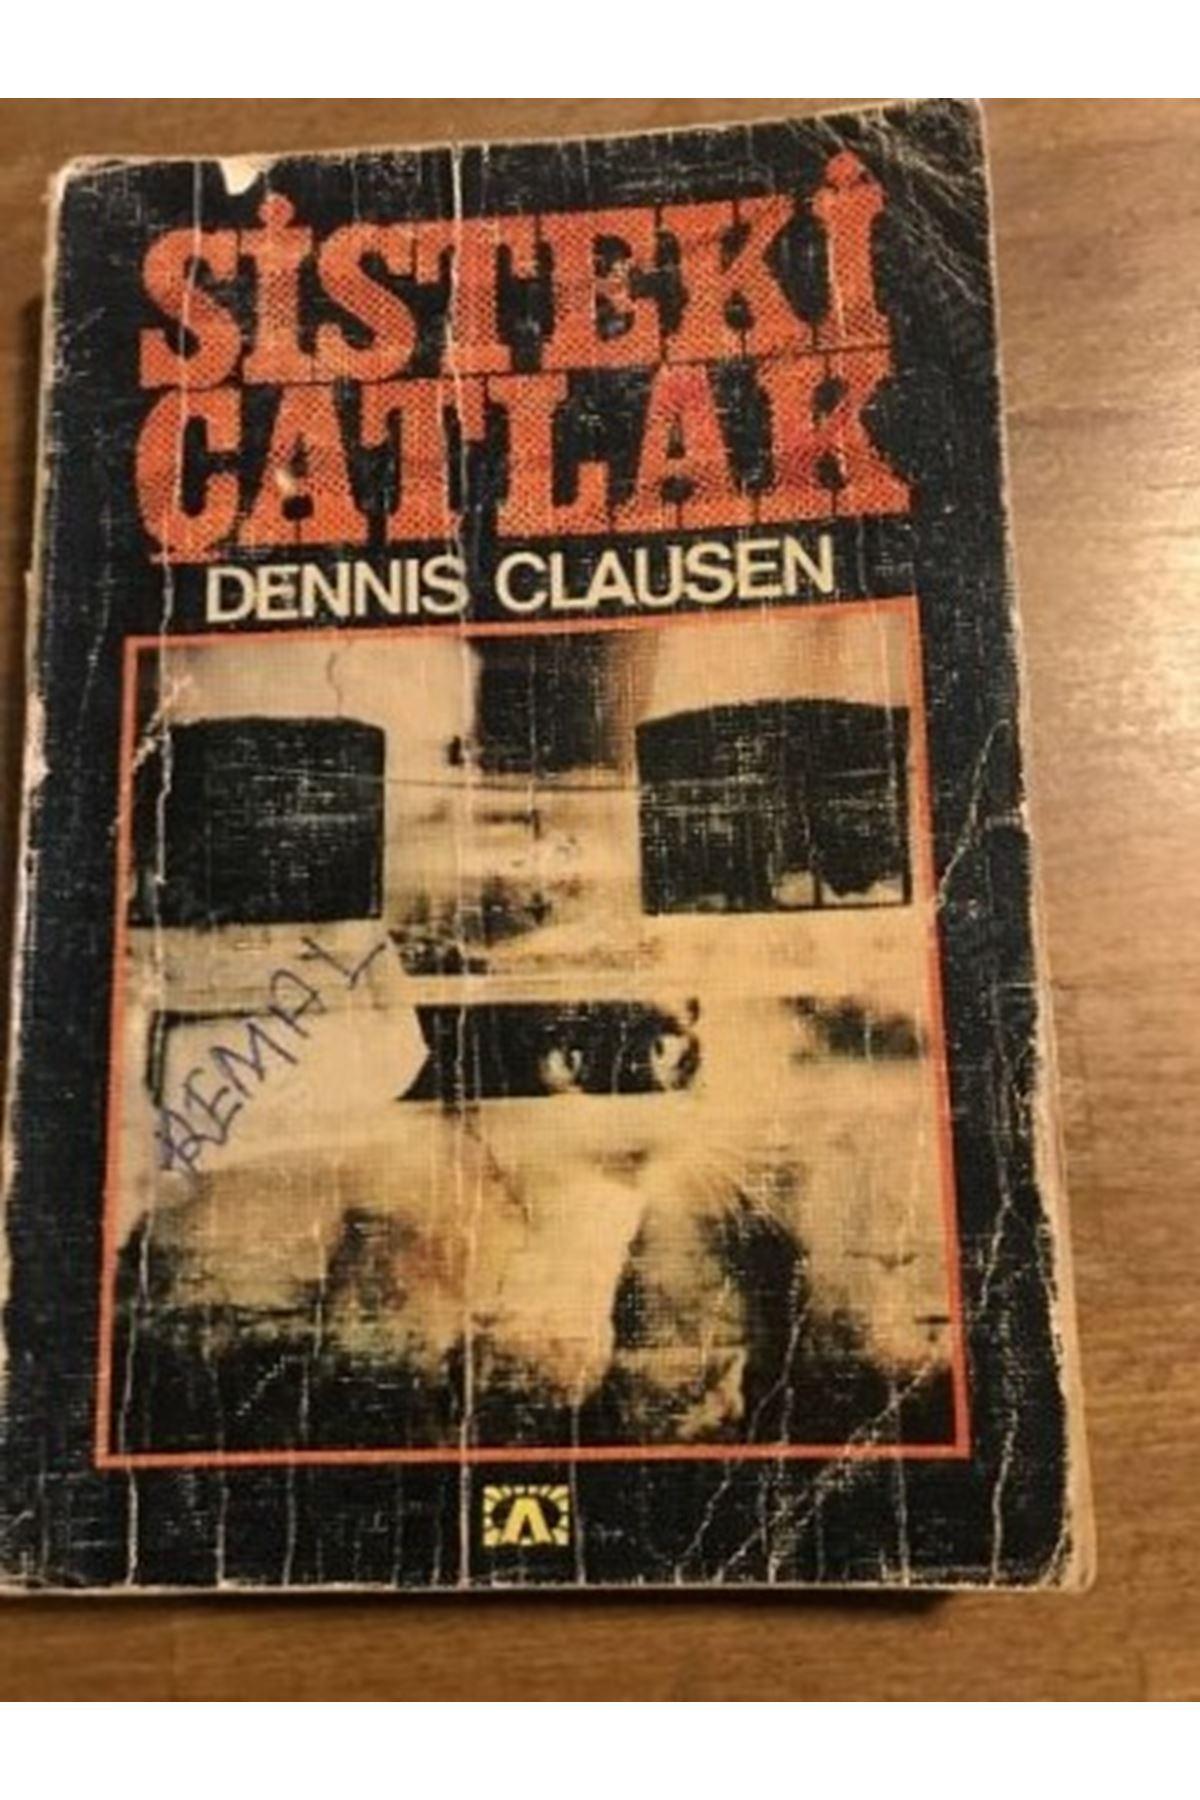 DENNIS CLAUSEN - SİSTEKİ ÇATLAK